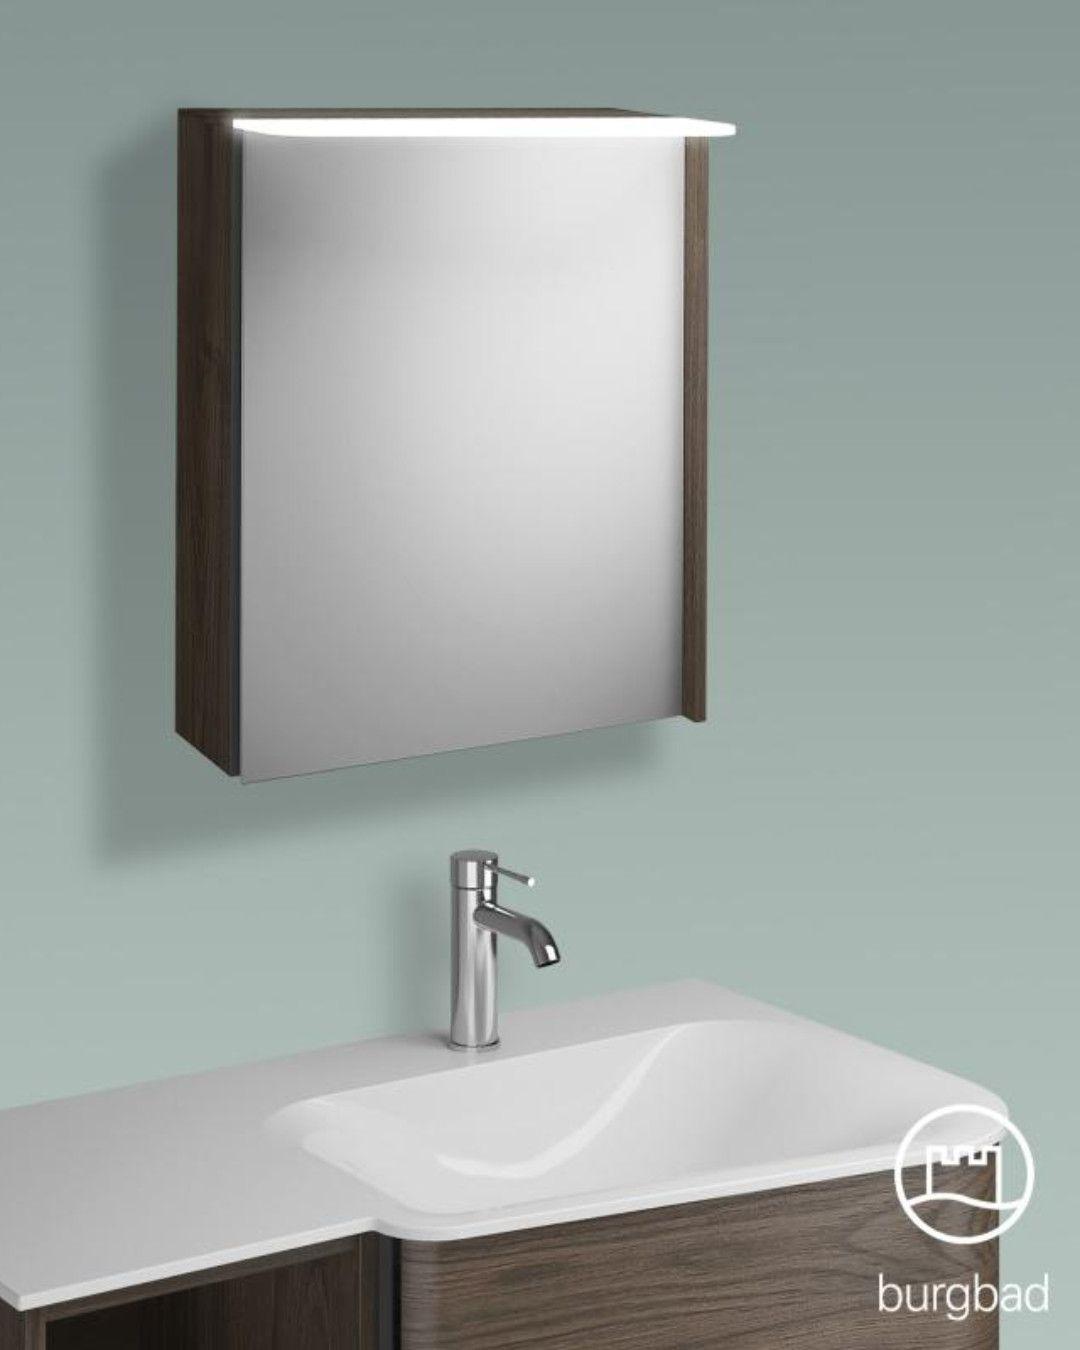 Burgbad Badu Perfekt Passend Zur Serie Badu Aber Auch Zu Vielen Anderen Badeinrichtungen Die Tur Des Spiegelschra Led Beleuchtung Spiegelschrank Beleuchtung